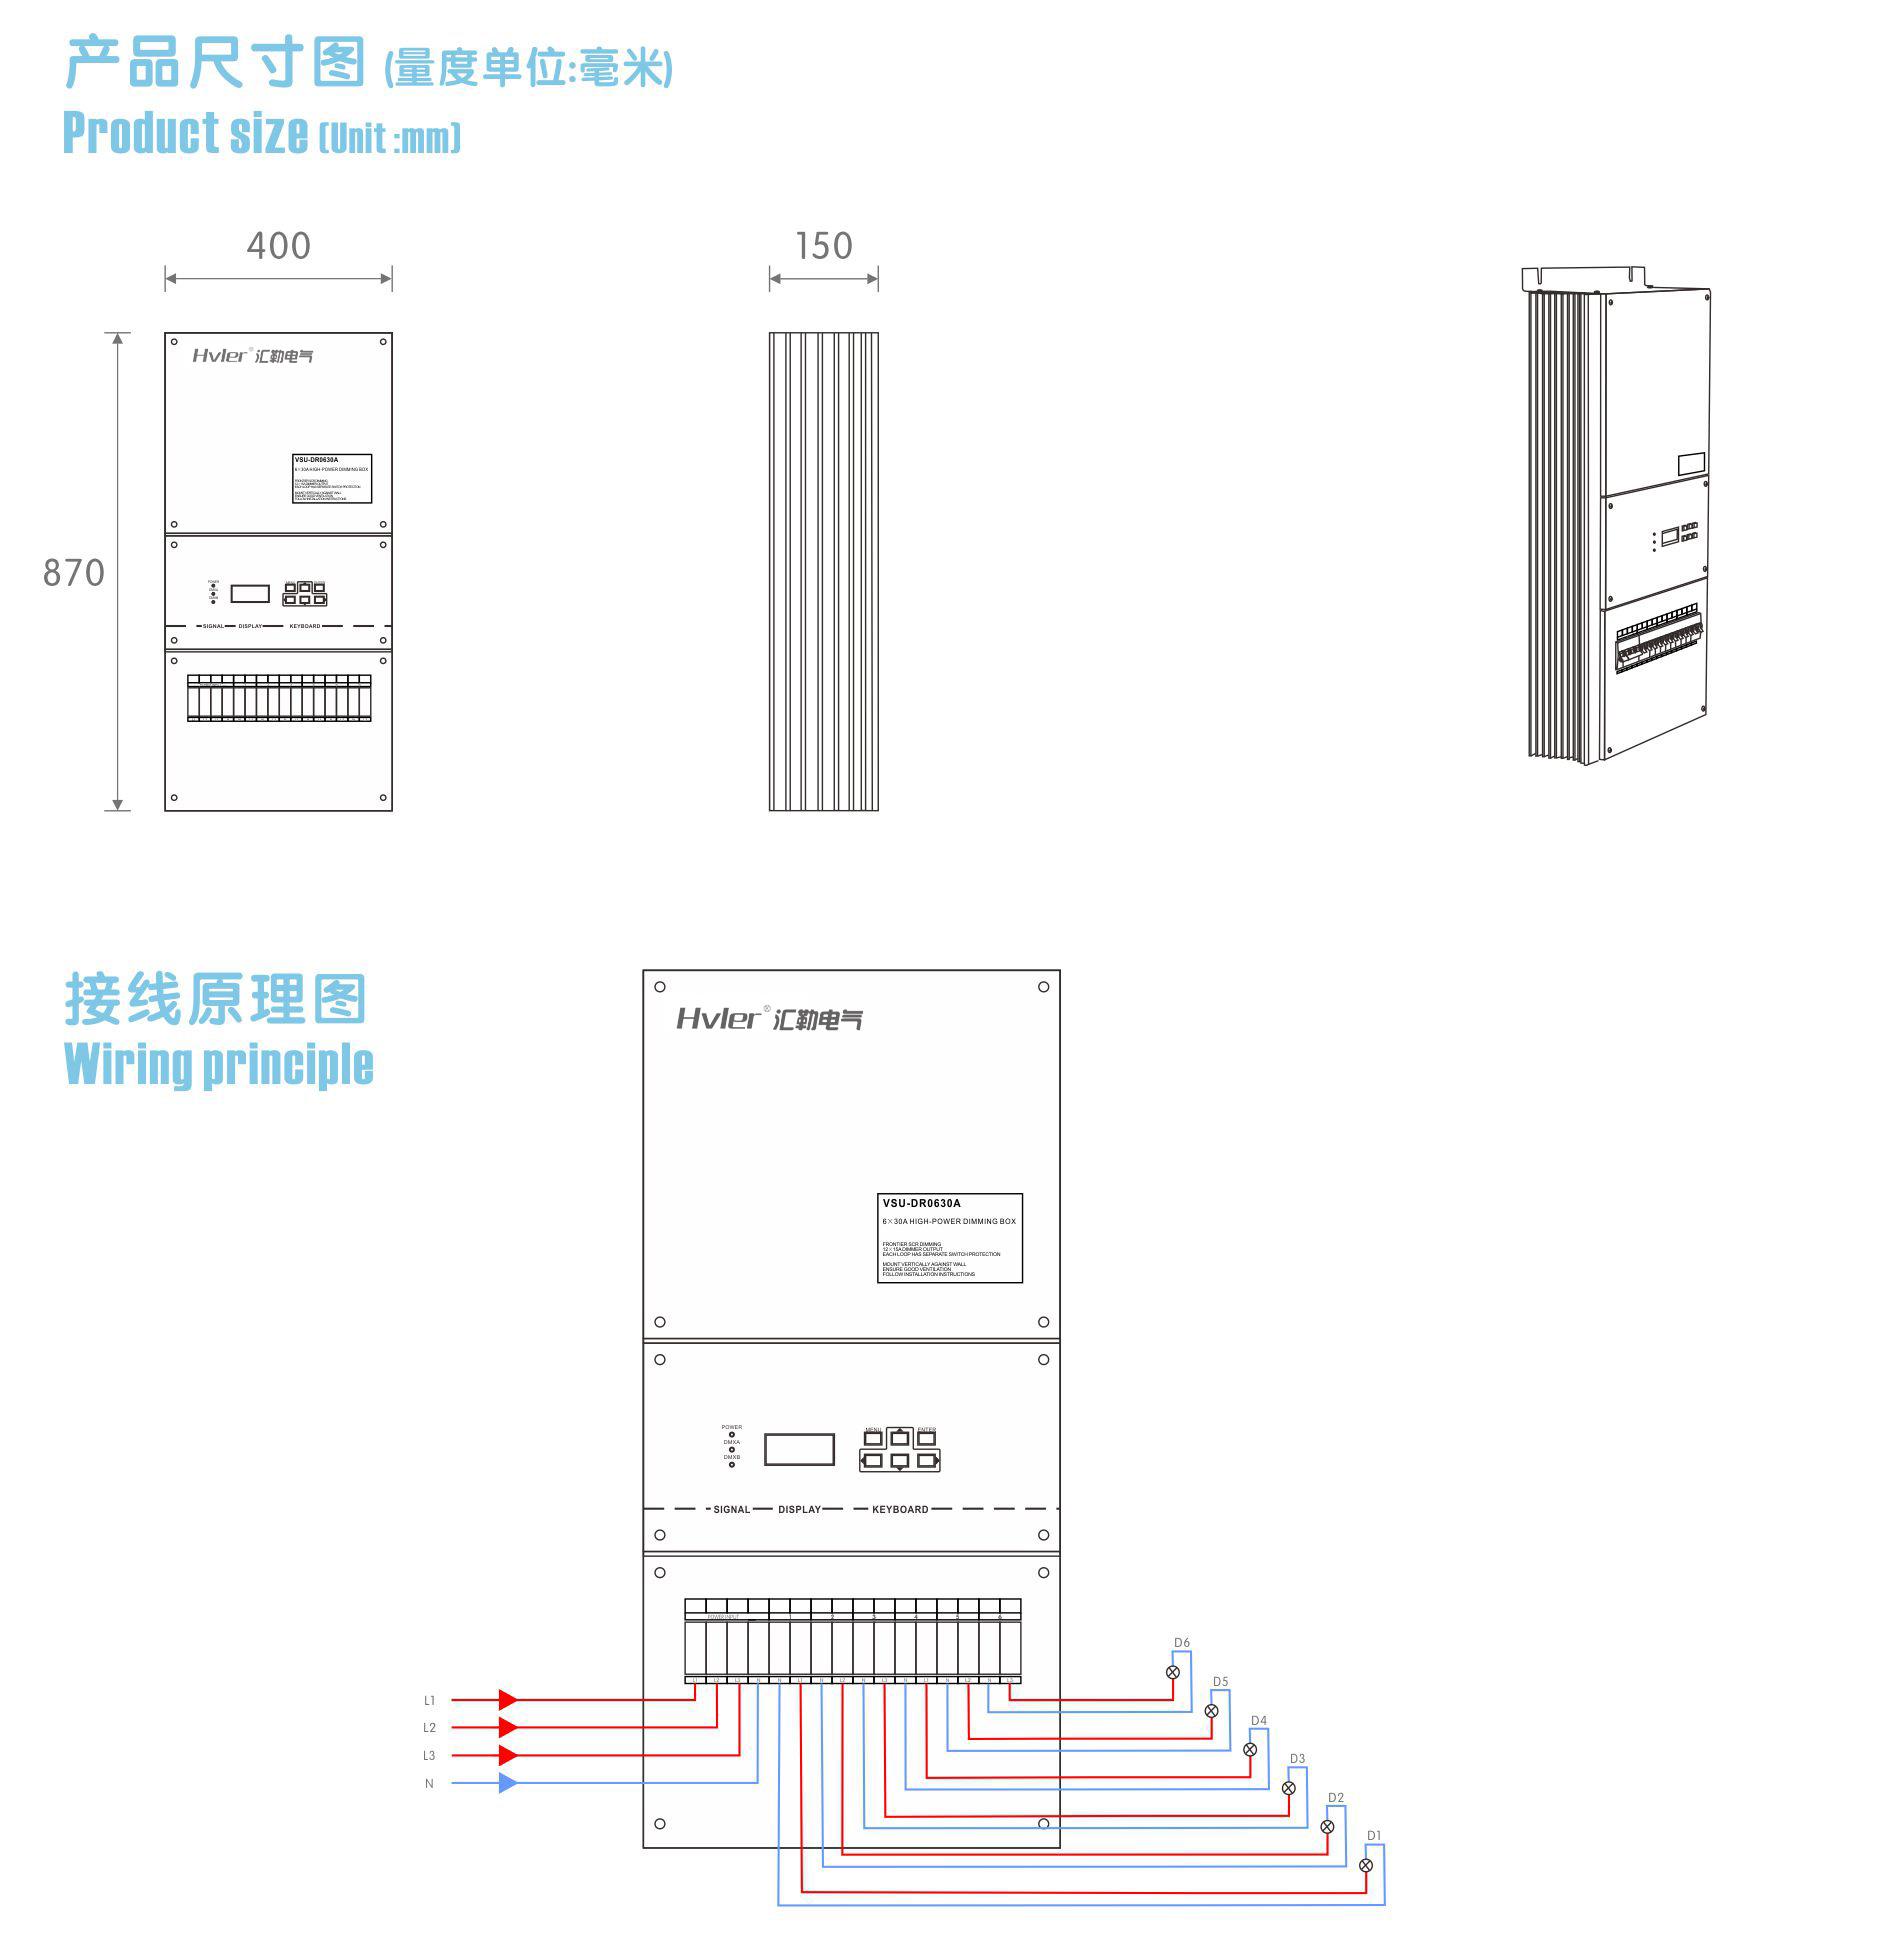 1,输入电压:单相AC220V10% 或3相AC220V; 2,设备电源输入:DC24V; 3,输出回路:6路可控硅前沿调光; 4,控制信号:2HVLER-NET总线; 5,每回路输出电流:30A,6路最大10000W; 6,保护:自带过温和断路器保护; 7,安装方式:挂墙式暗装或明装; 8,显示:2LED灯,1LED显示屏; 9,按键:4功能键 10.